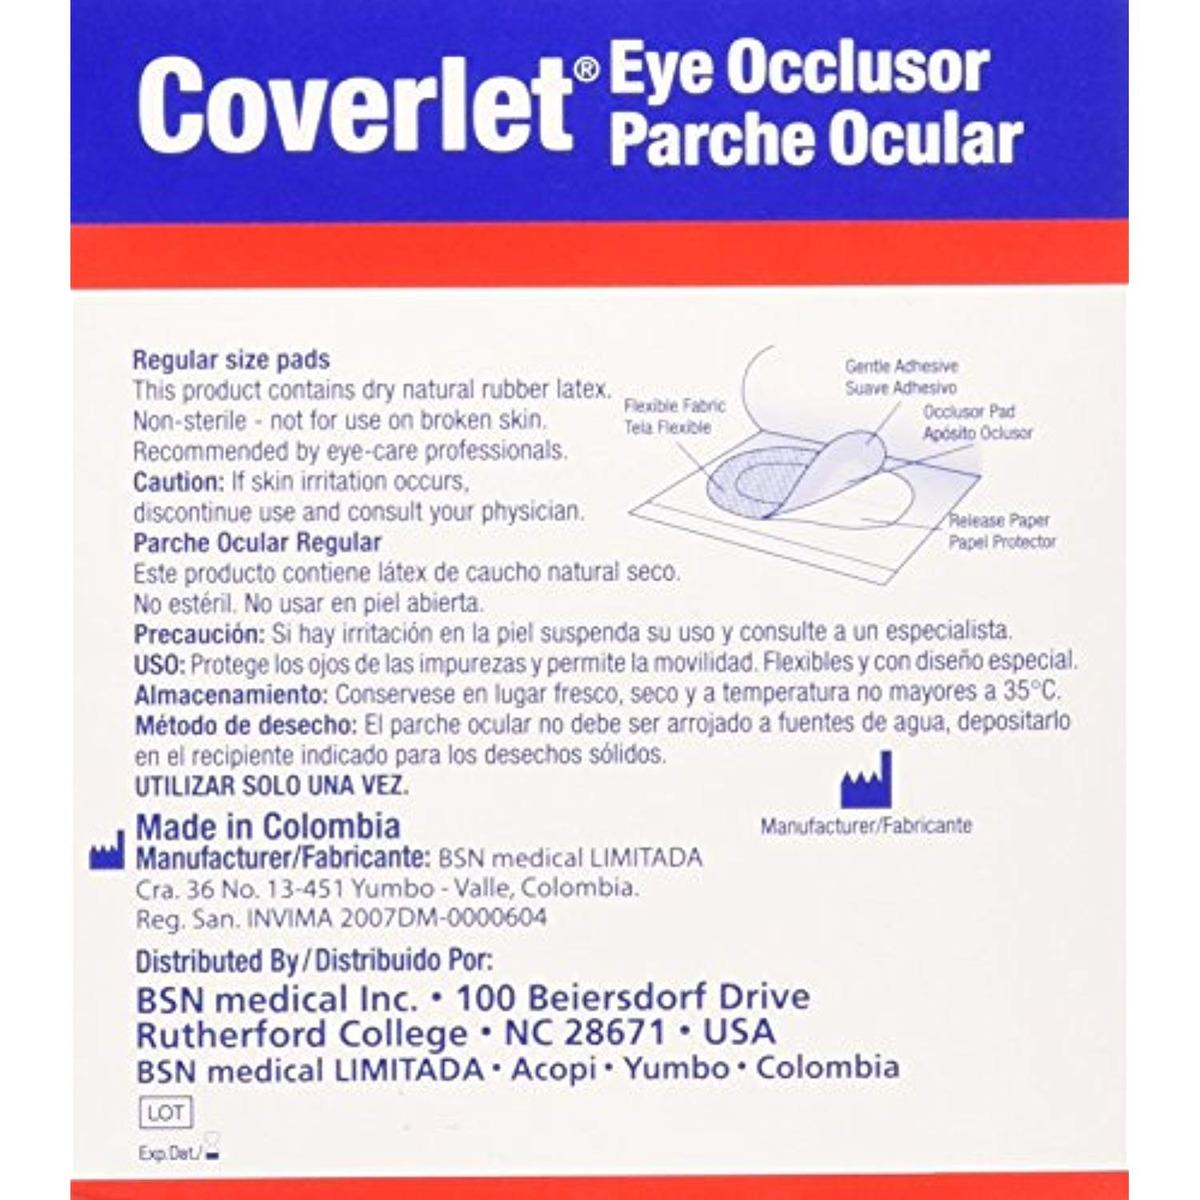 Coverlet Eye Occlusor